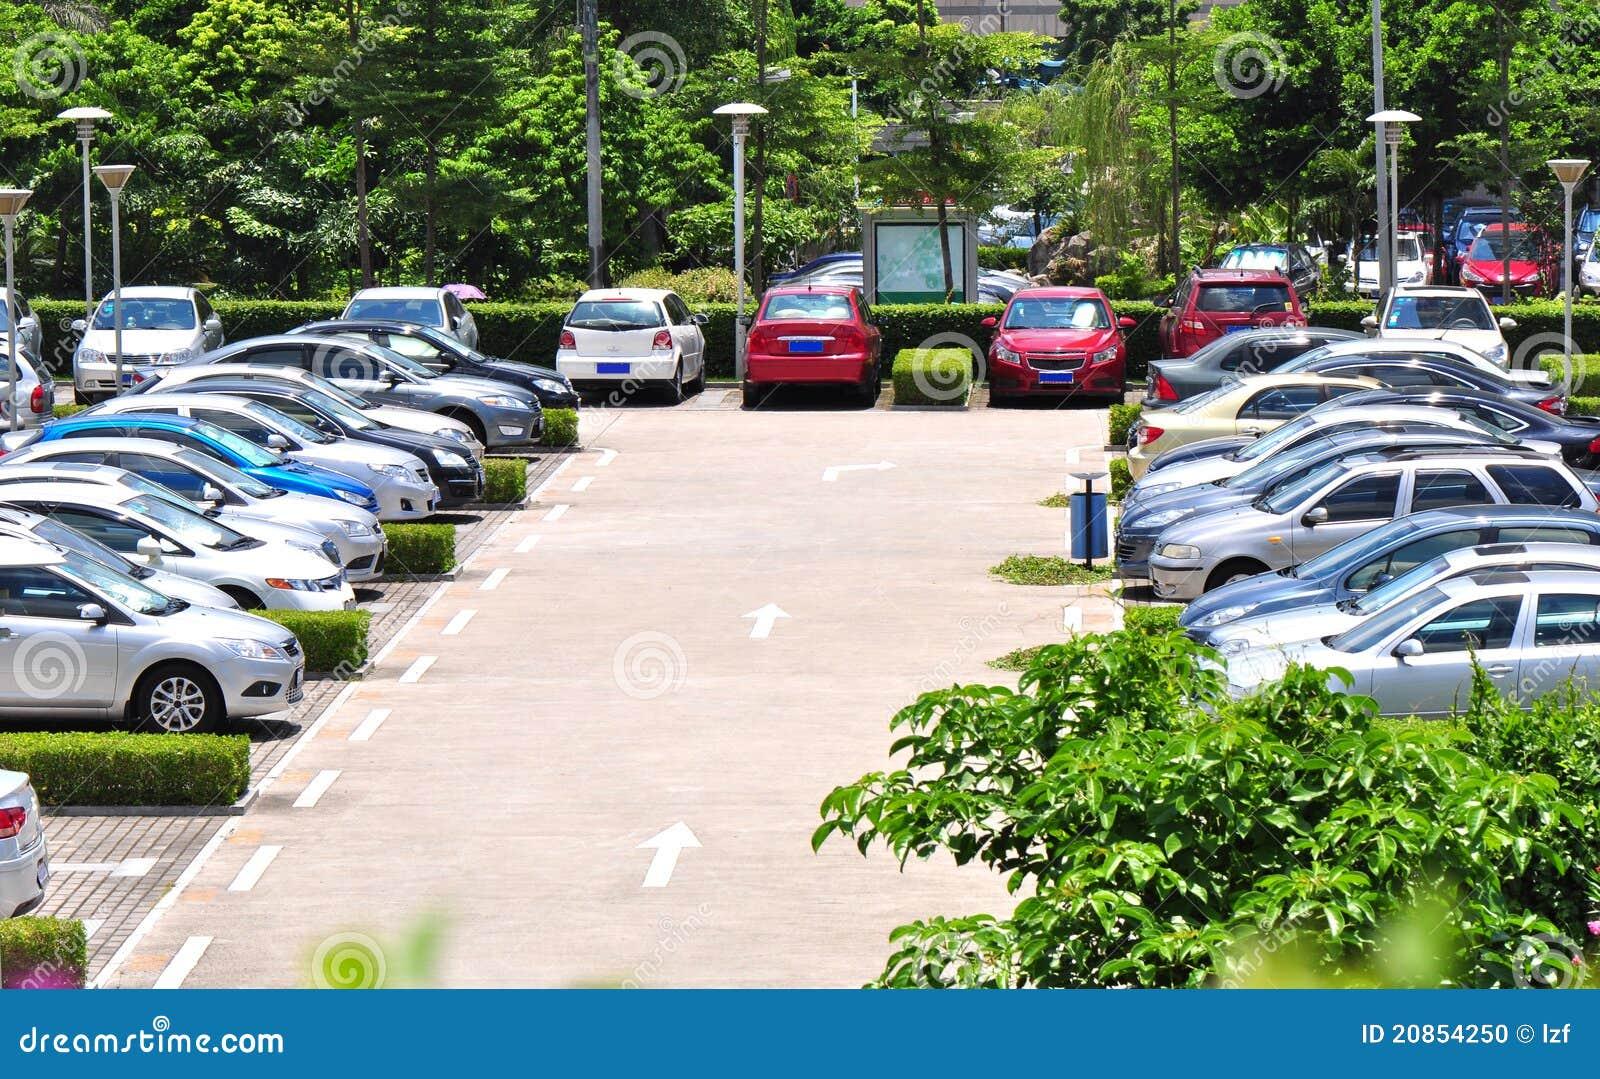 Modern Parking Lot S